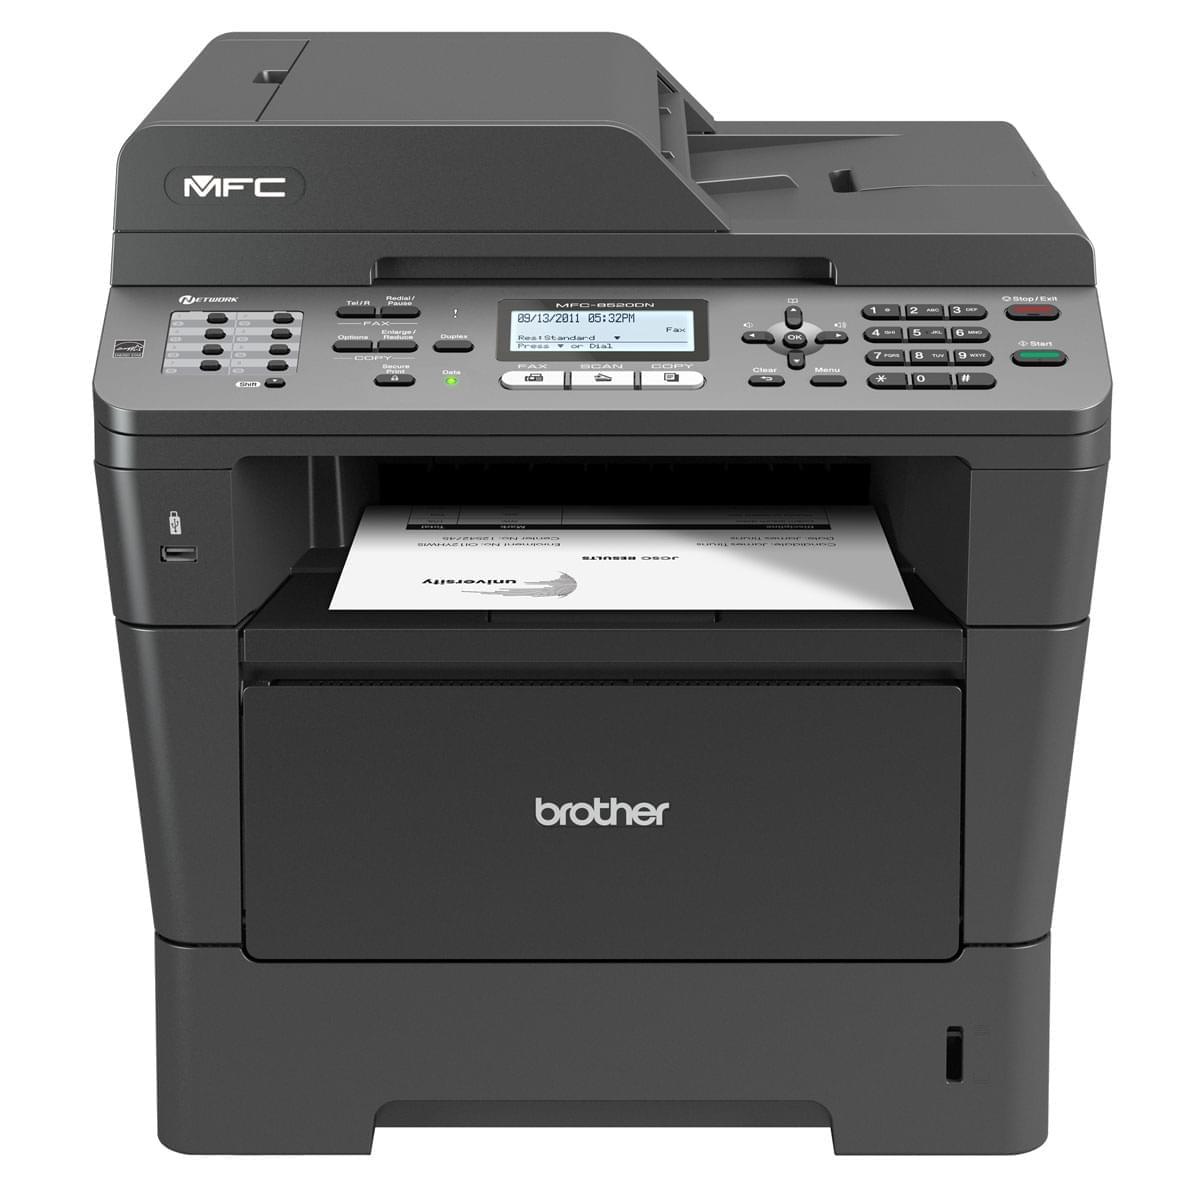 Imprimante multifonction Brother MFC-8520DN - Cybertek.fr - 0